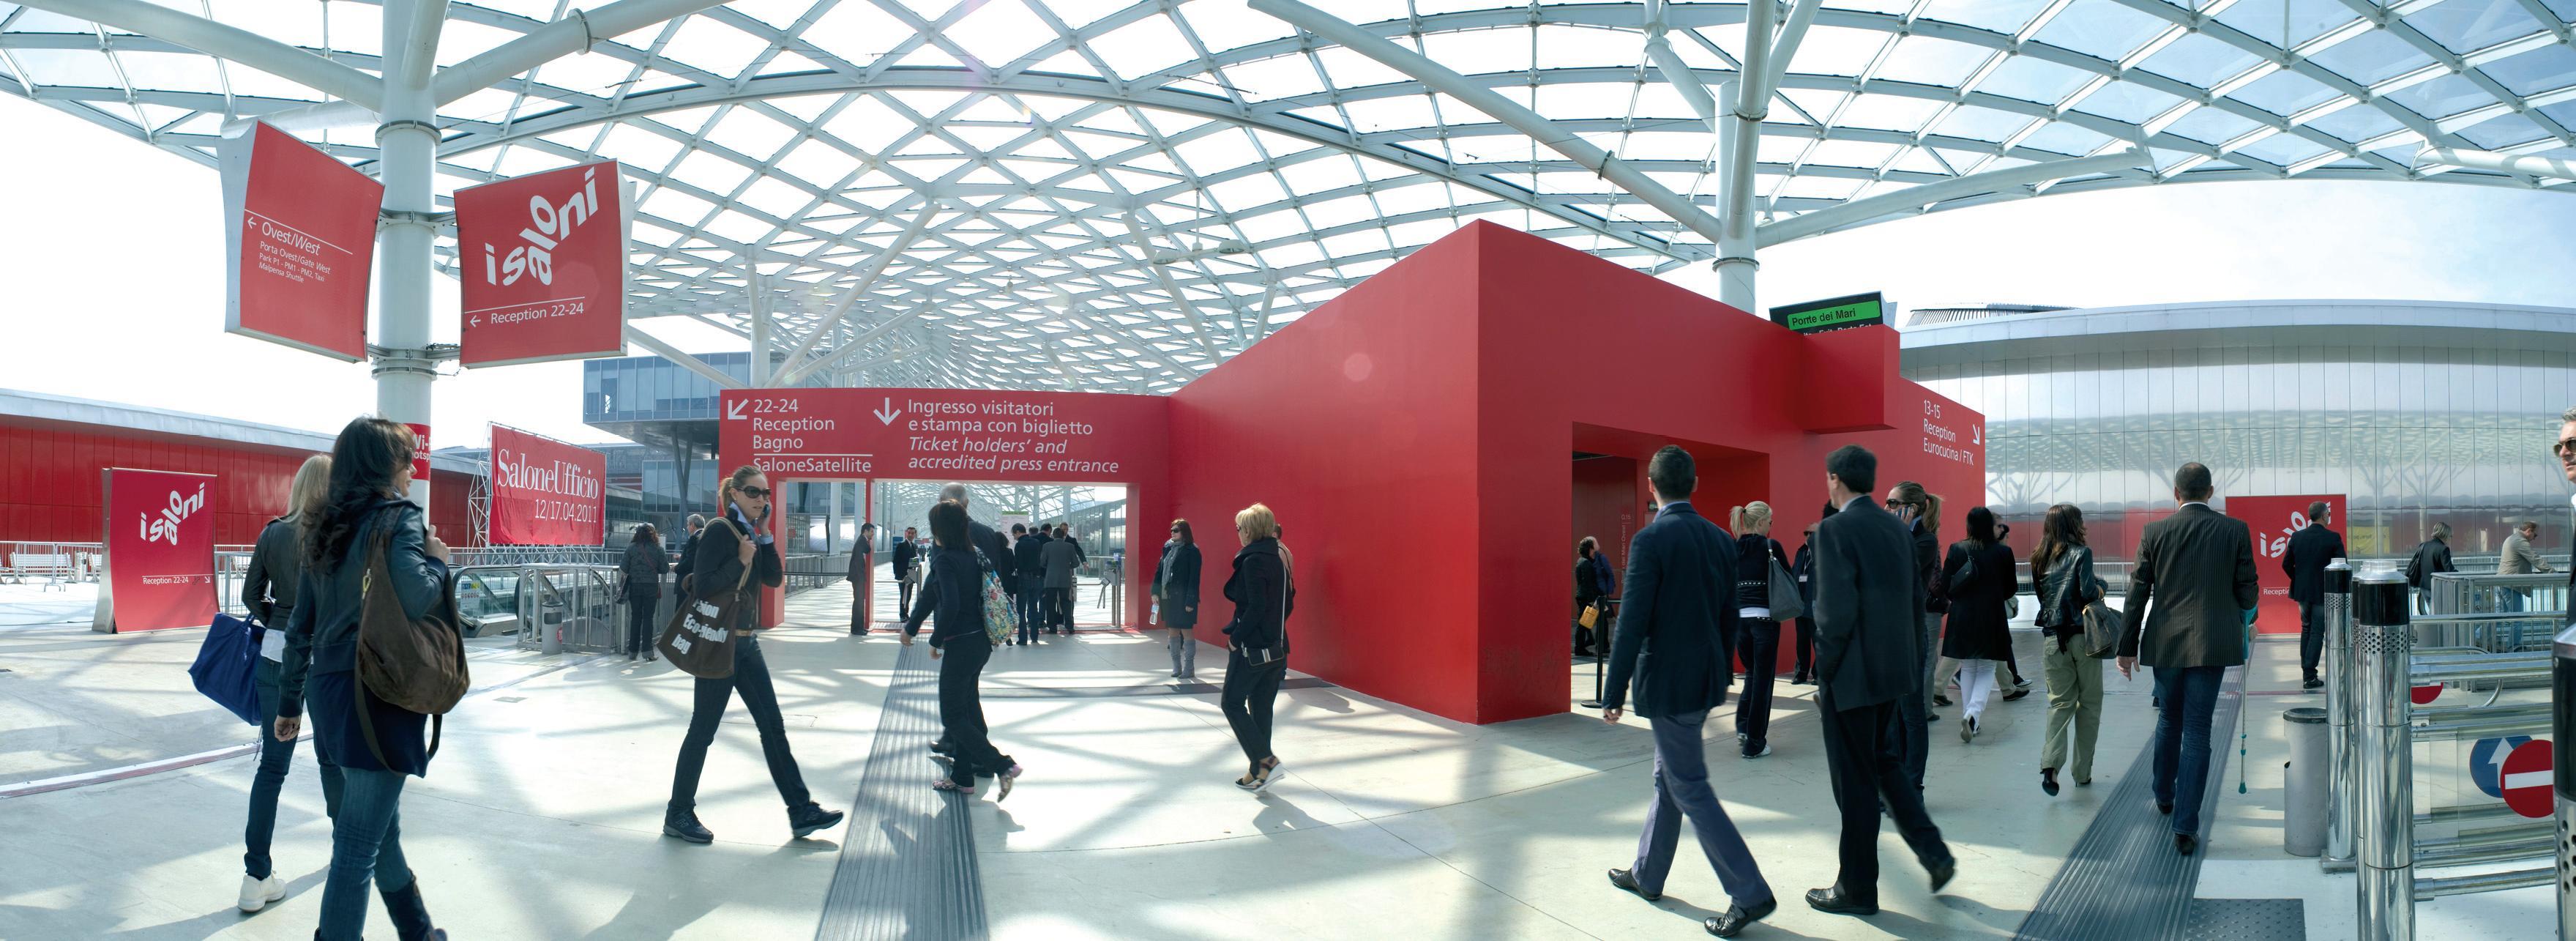 salone_internazionale_del_mobile_muebles_orts